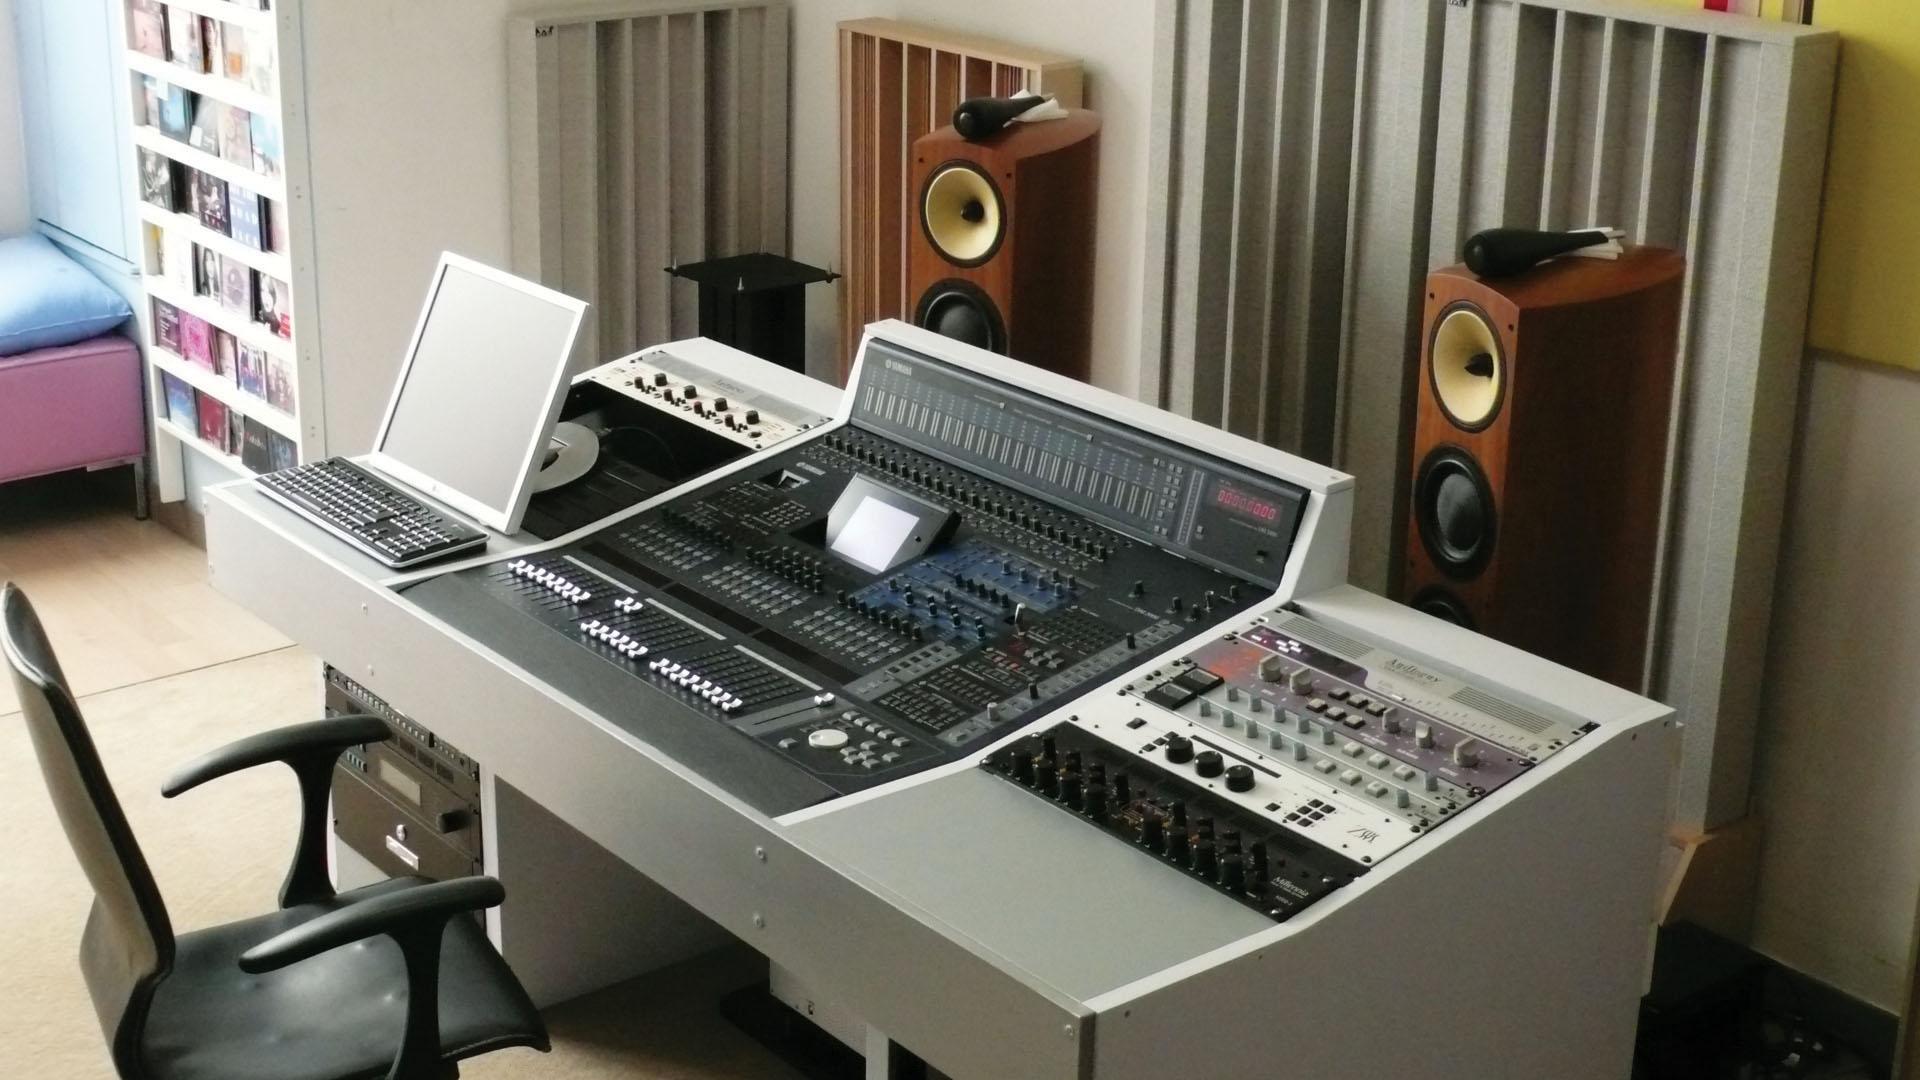 Recording Studio 1920x1080 Wallpapers Download Desktop Picture 1920x1080